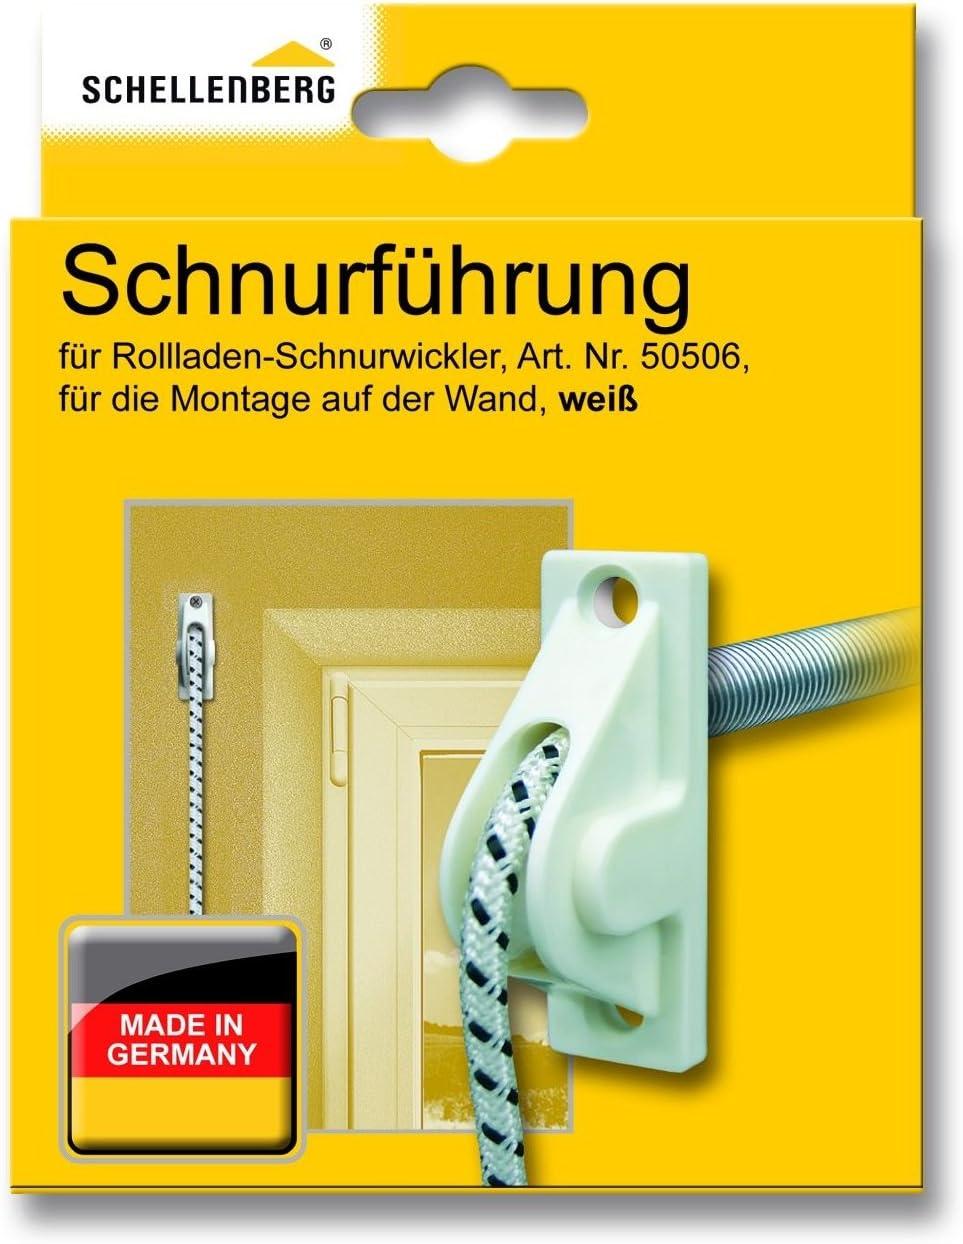 verringert den Verschlei/ß von Schn/üren Rolladenschnur Schellenberg 11034 Schnurf/ührung f/ür Rollladen-Schn/üre